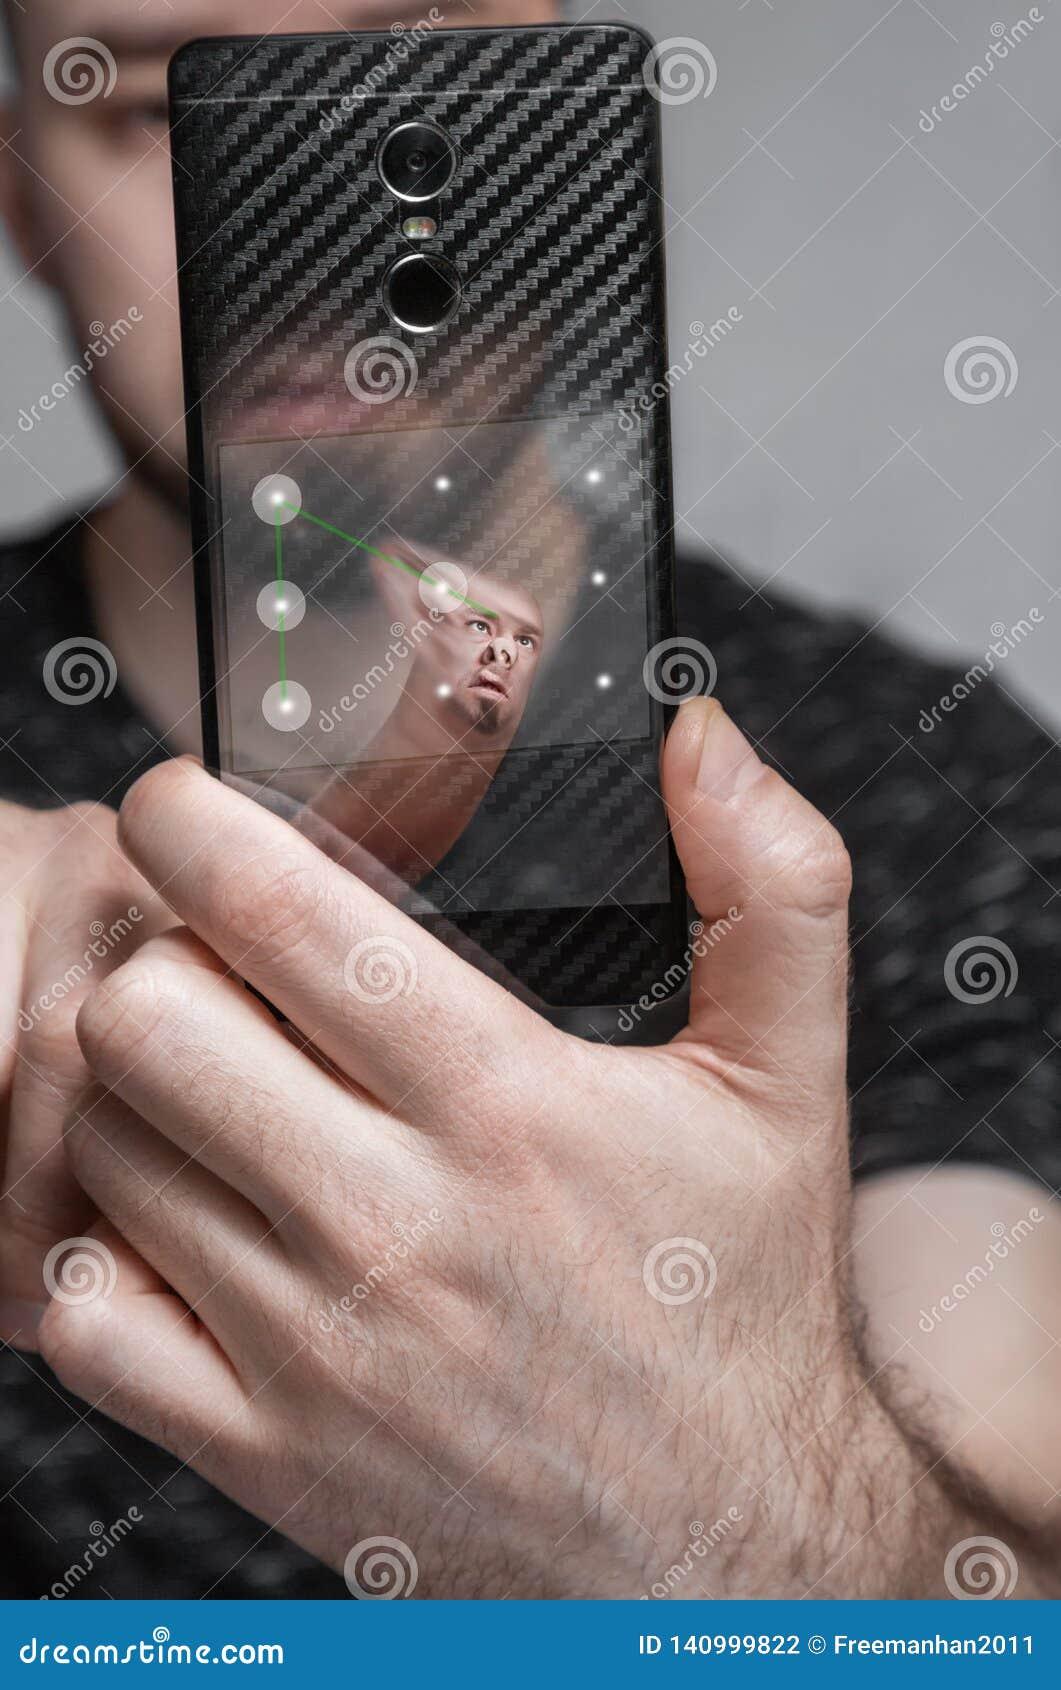 El concepto de identificación de la cara el teléfono explora la huella dactilar y las ofertas del usuario para incorporar la cont